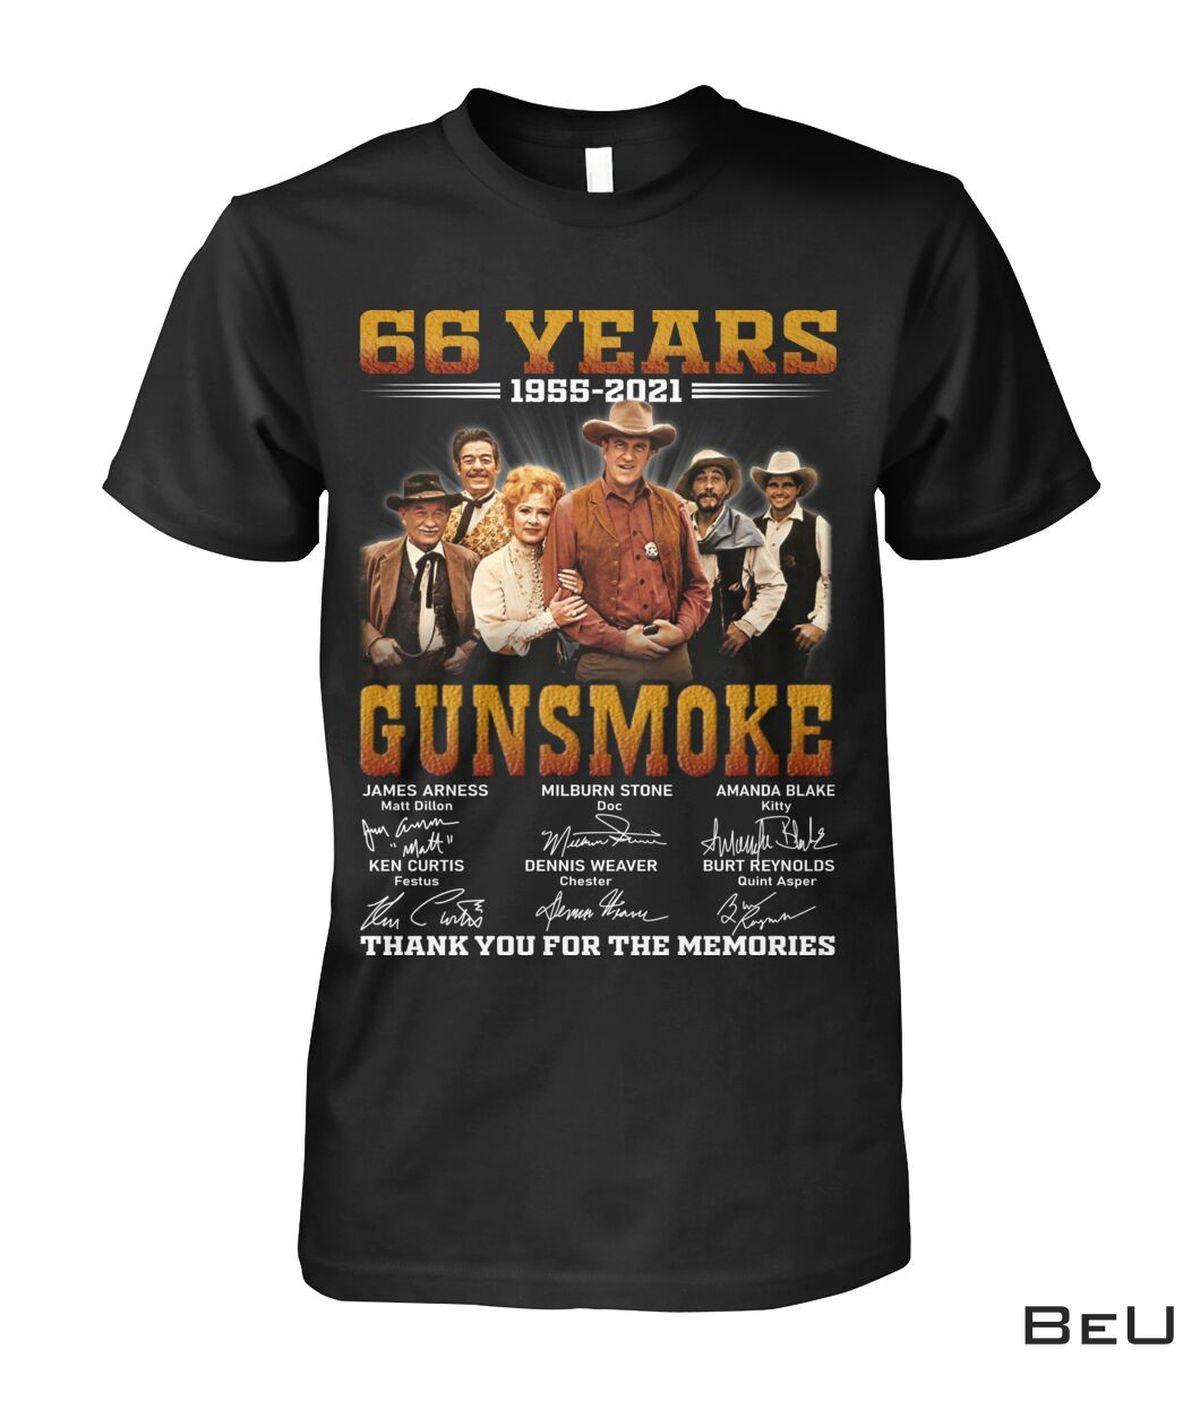 Gunsmoke 66 Years Anniversary Shirt